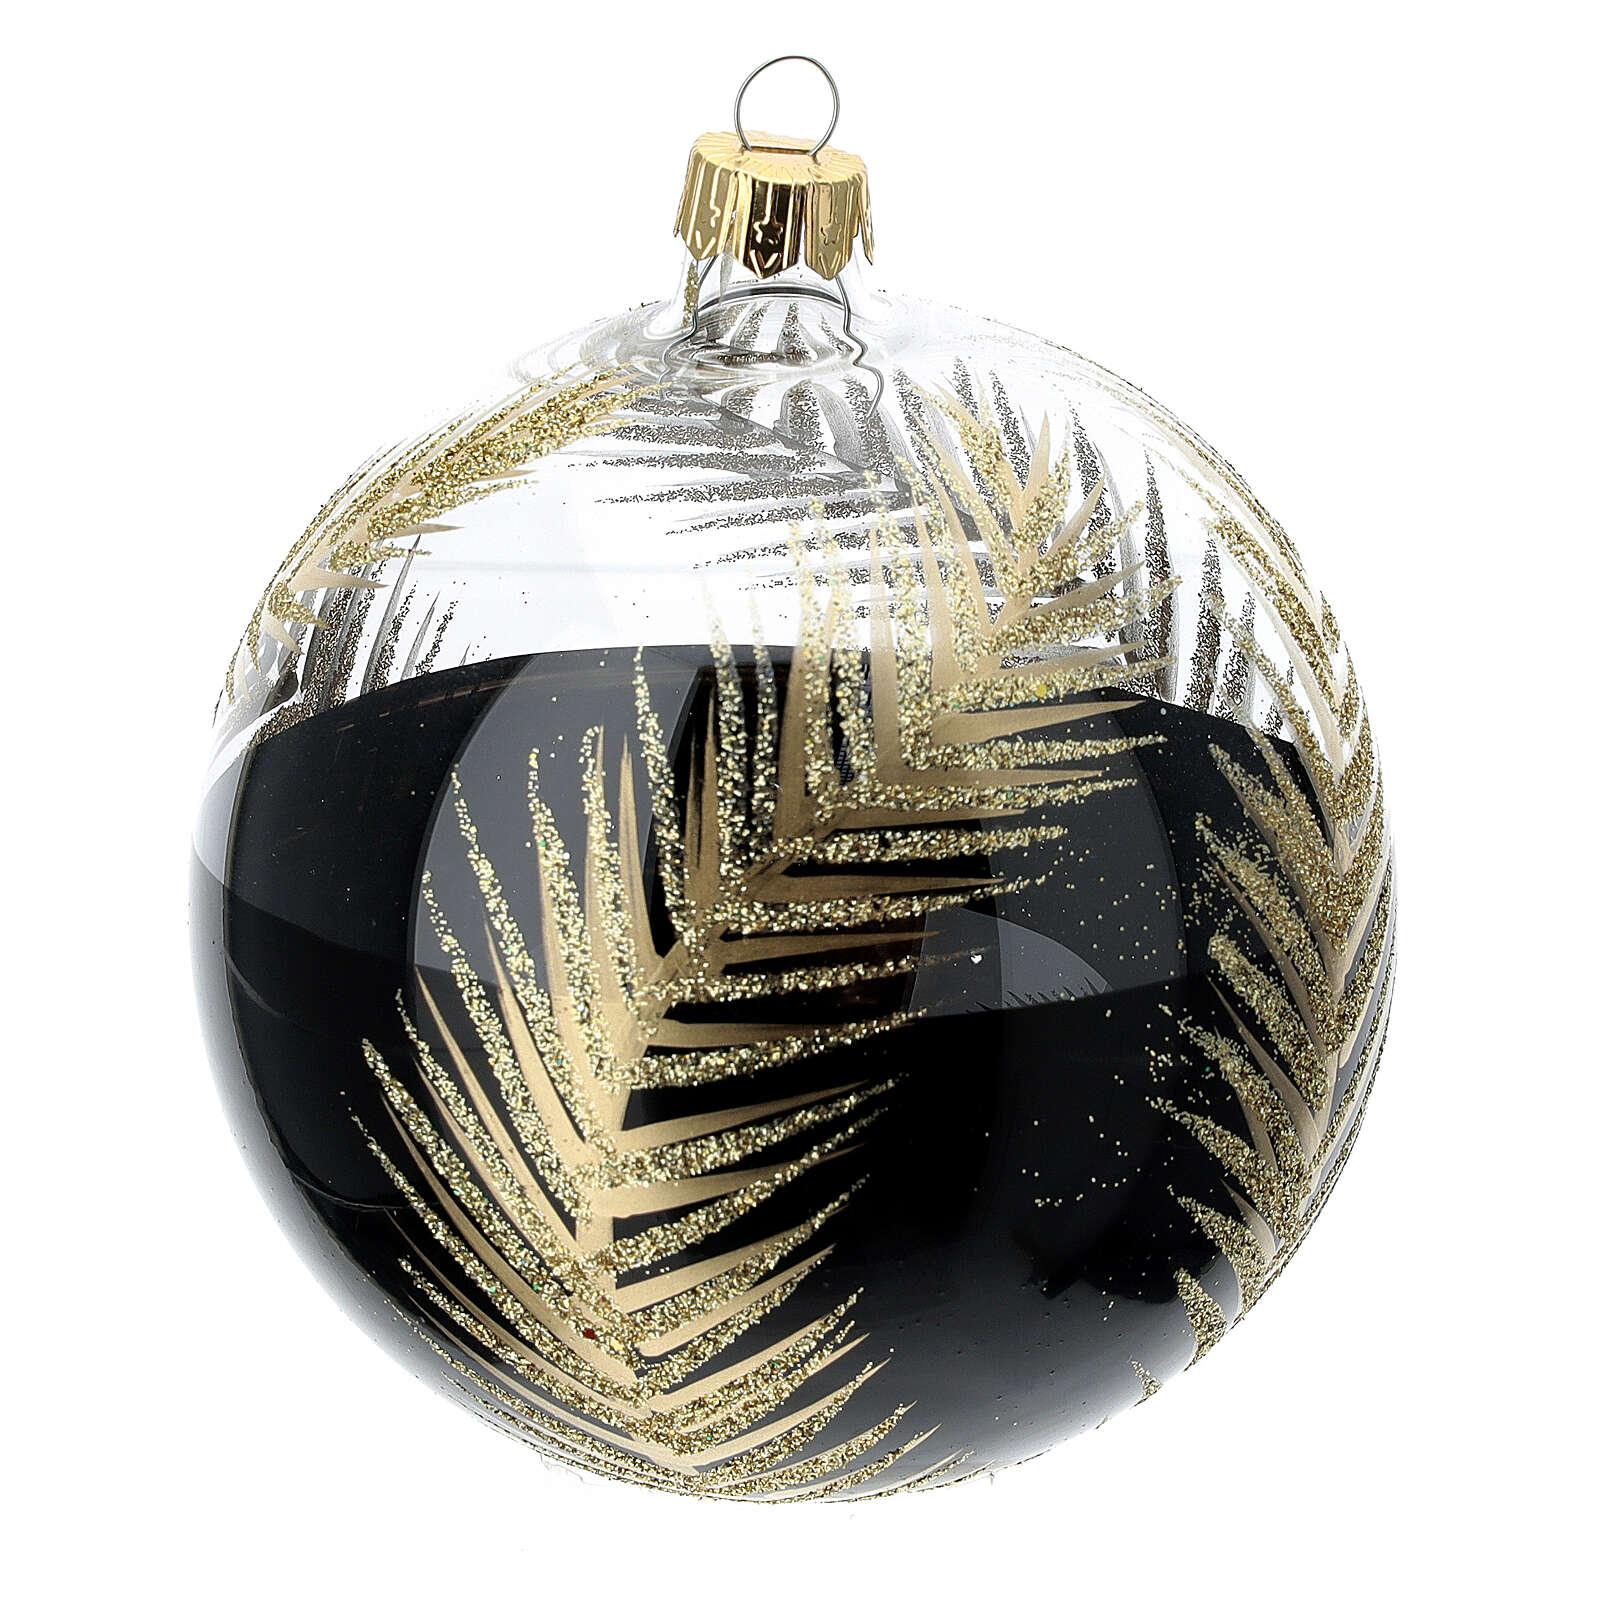 Bola árvore de Natal vidro soprado preto e transparente ramos dourados 100 mm 4